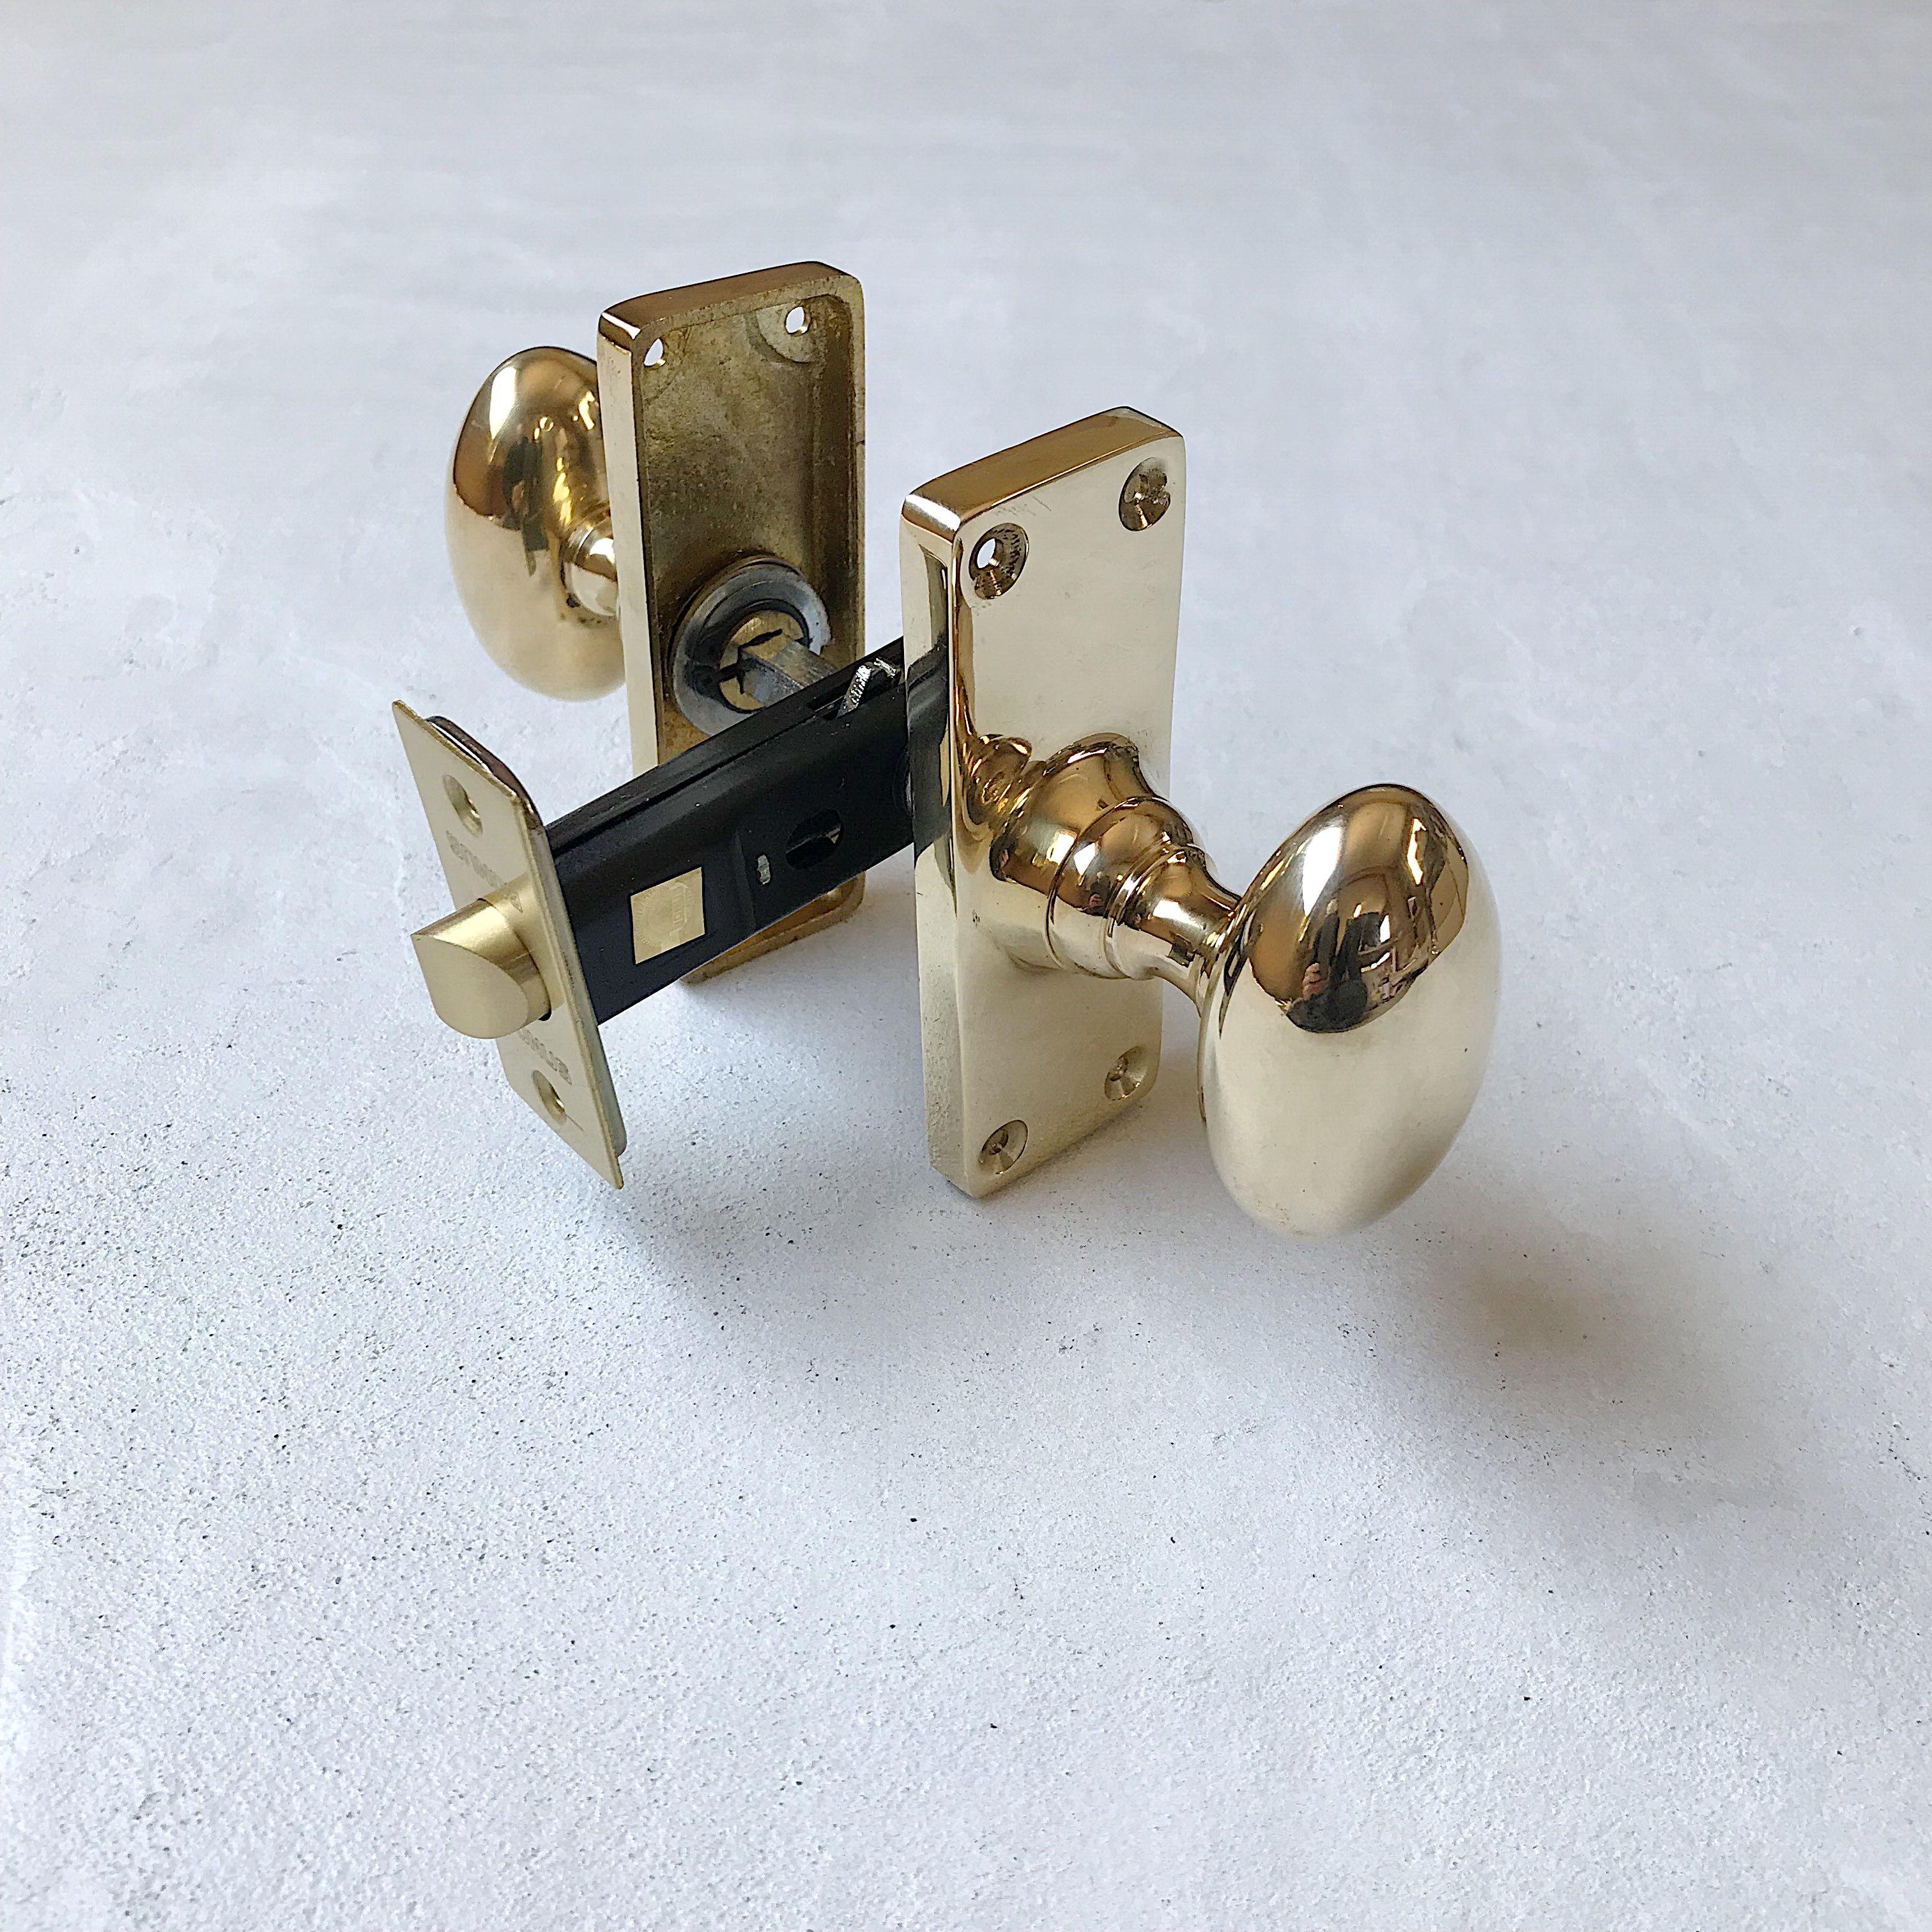 真鍮ドアノブ Type3 画像あり ドアノブ ノブ ドア